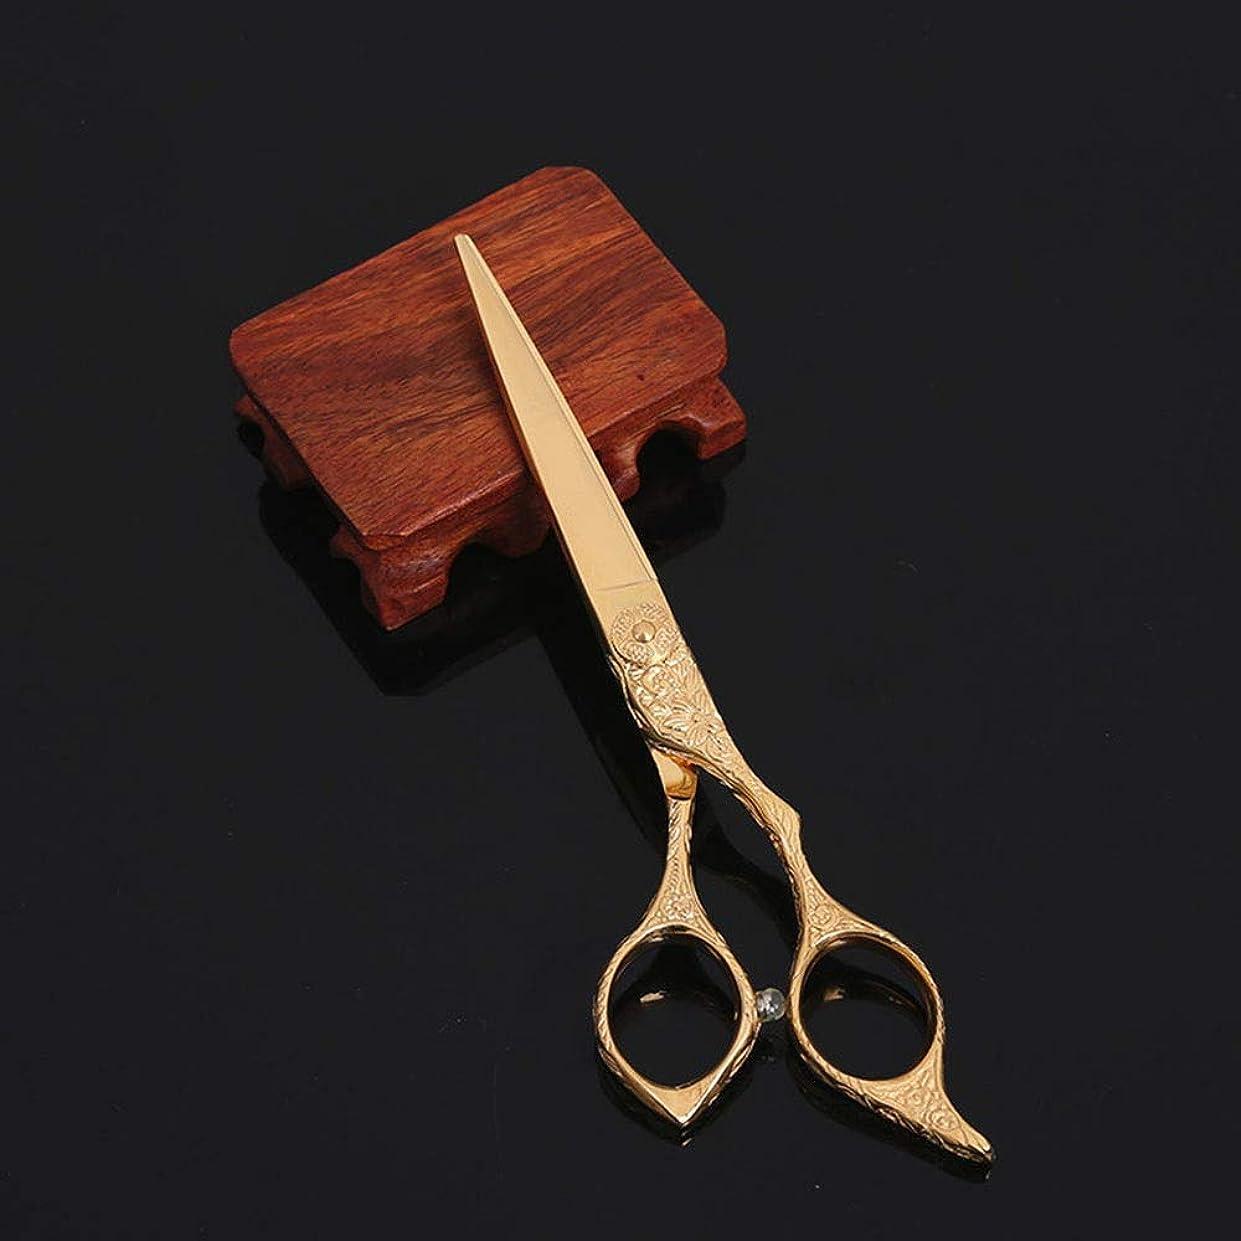 インド蒸留確認するGoodsok-jp 6インチゴールド塗装ハイエンド理髪はさみプロの美容師のはさみ (色 : ゴールド)